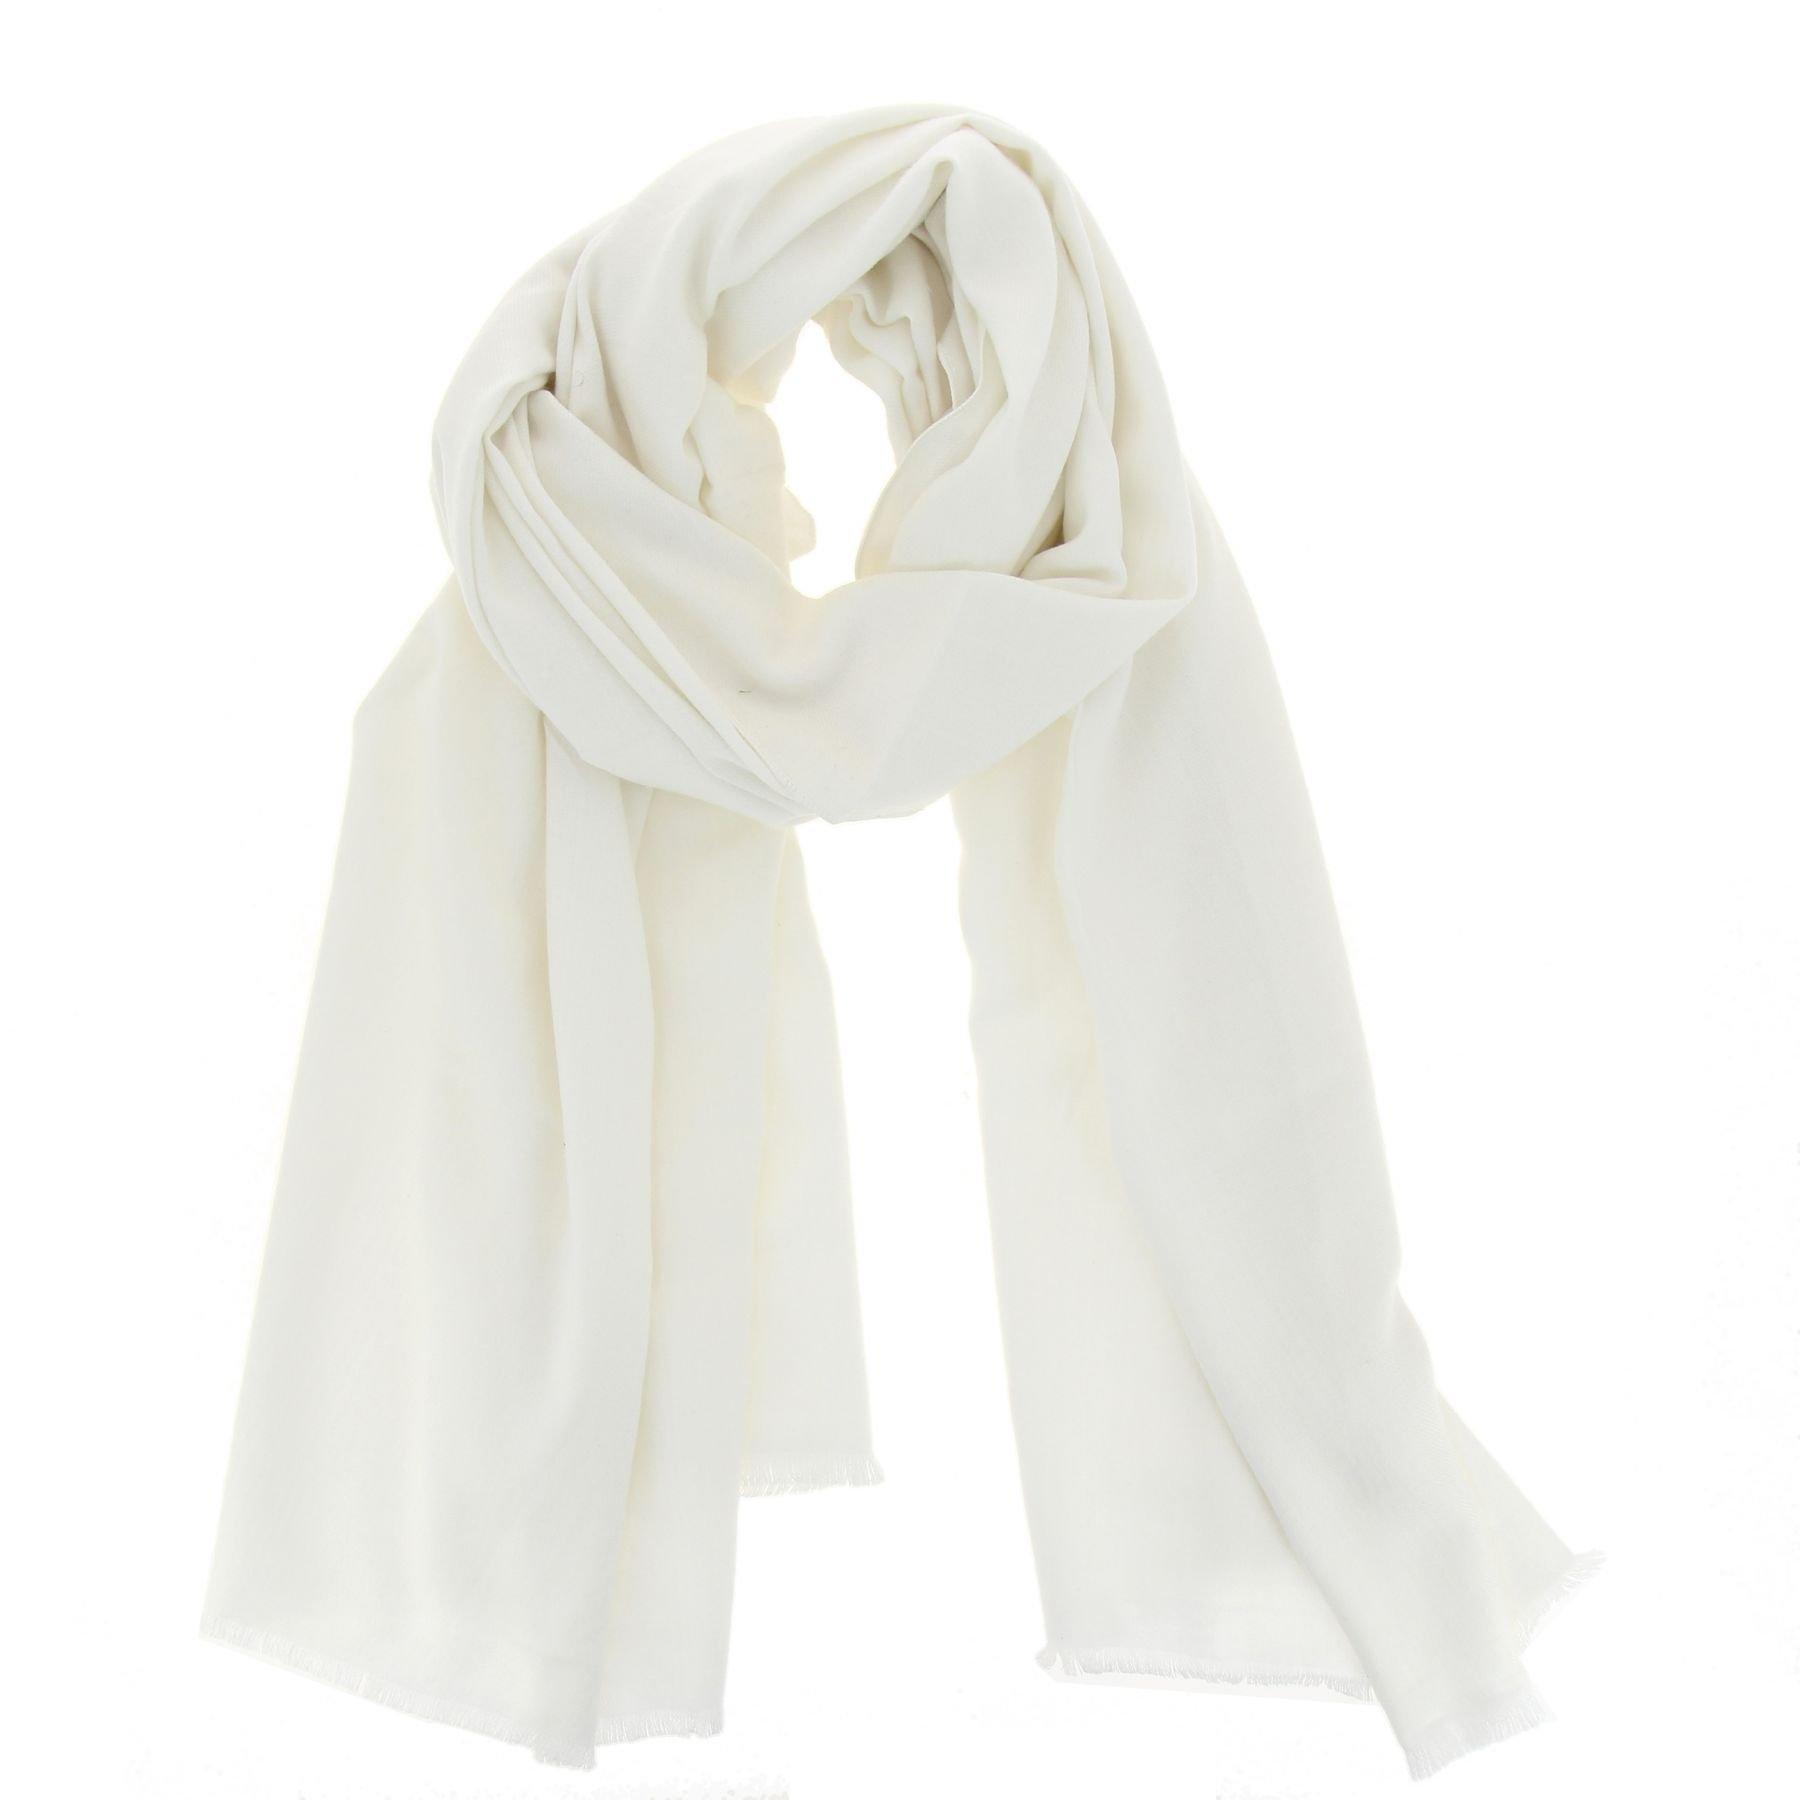 354689eea075 FASHIONGEN - Echarpe pashmina homme et femme douce en laine, BACHRA product  image